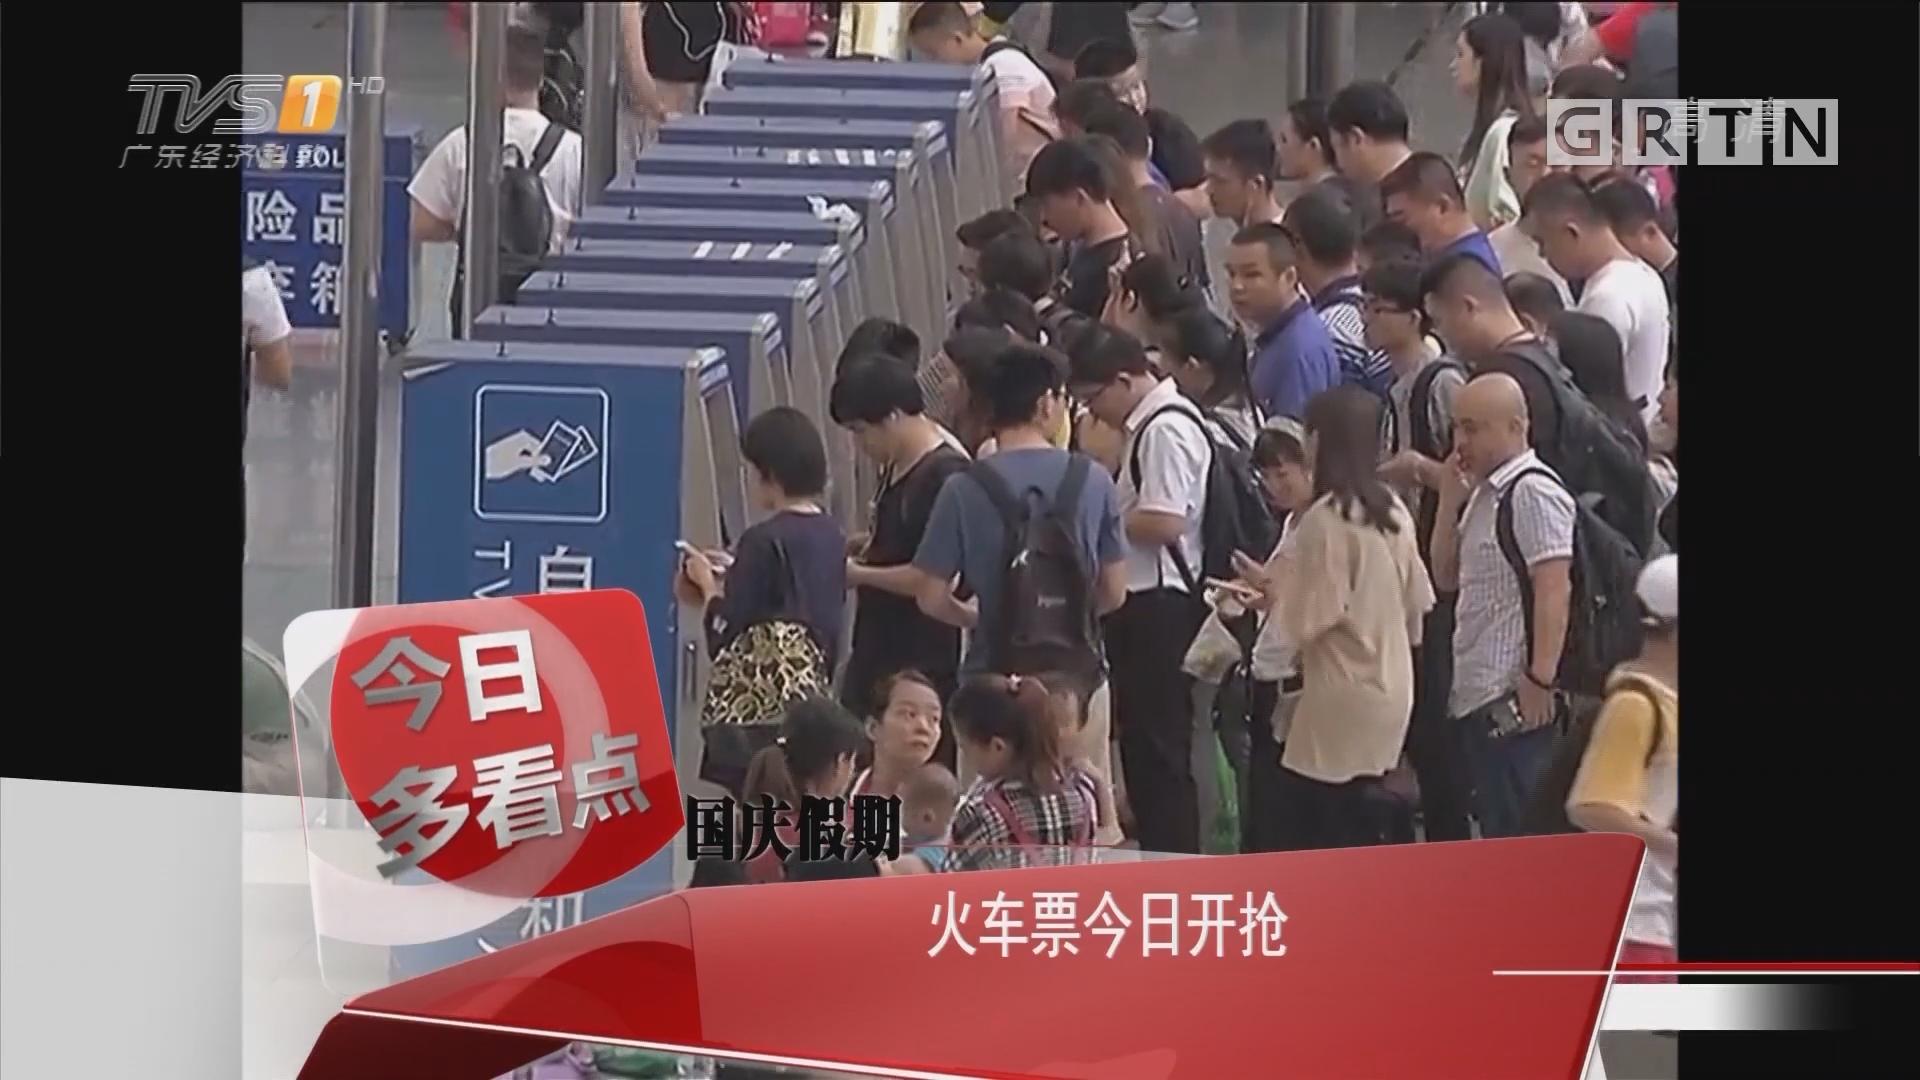 国庆假期:火车票今日开抢